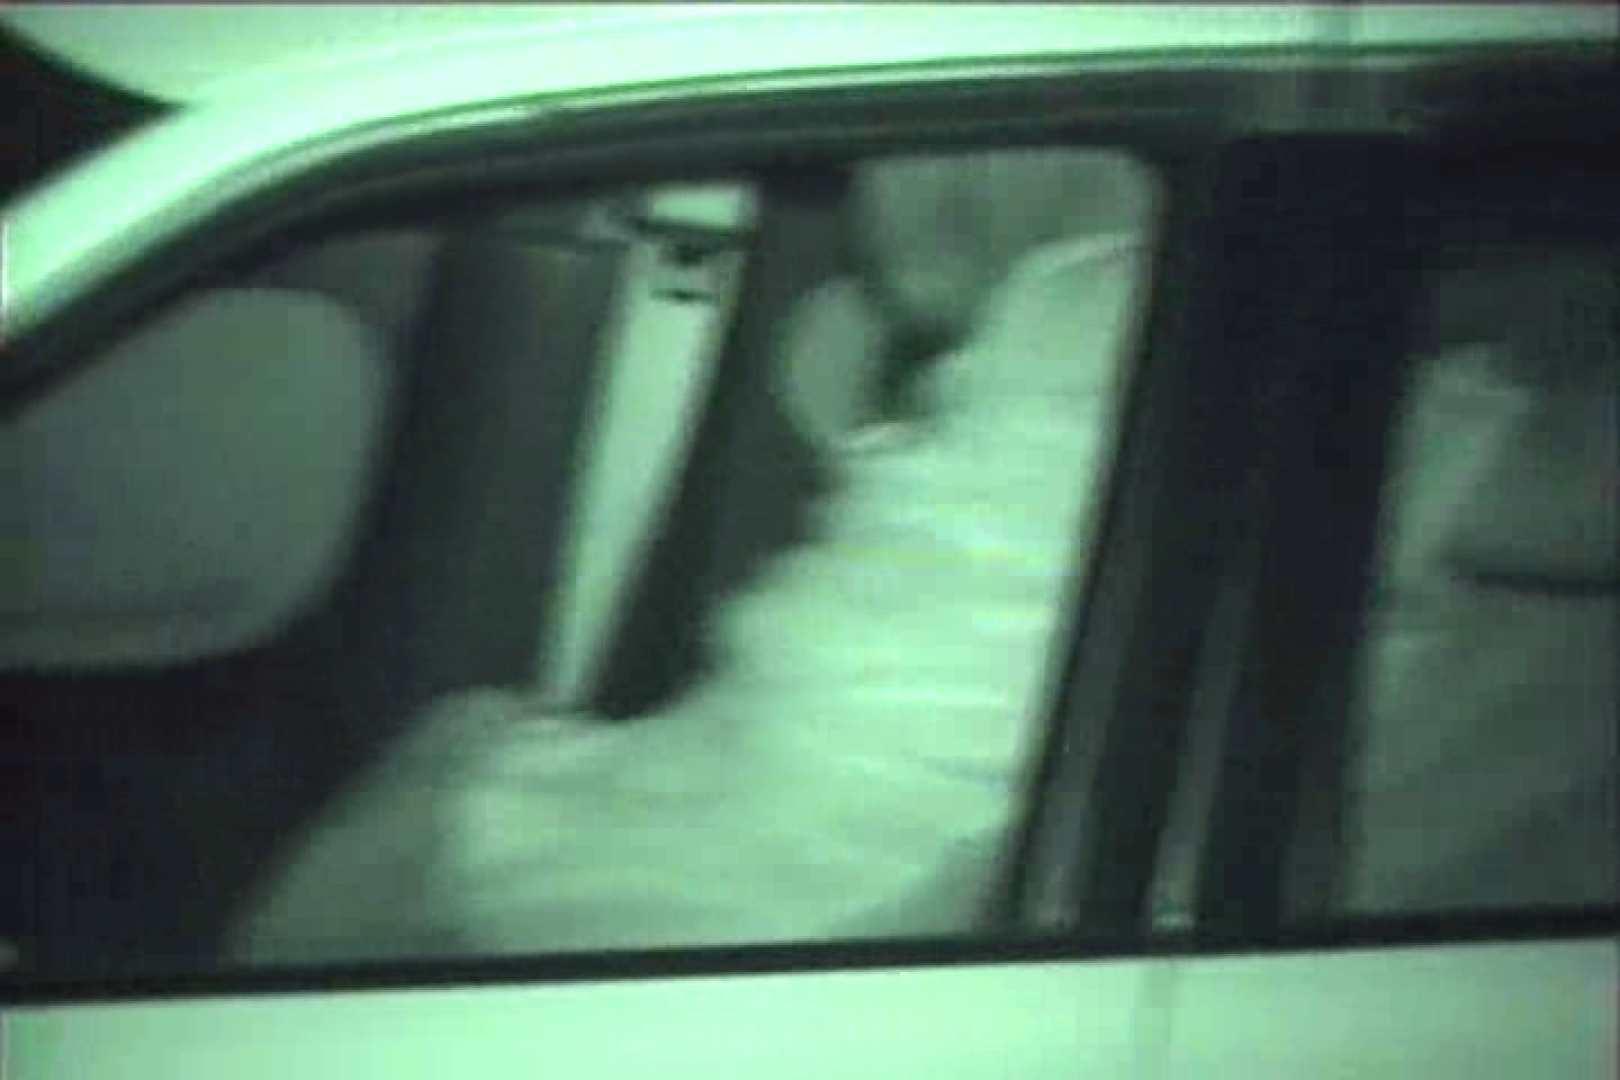 車の中はラブホテル 無修正版  Vol.17 美女OL アダルト動画キャプチャ 104連発 80